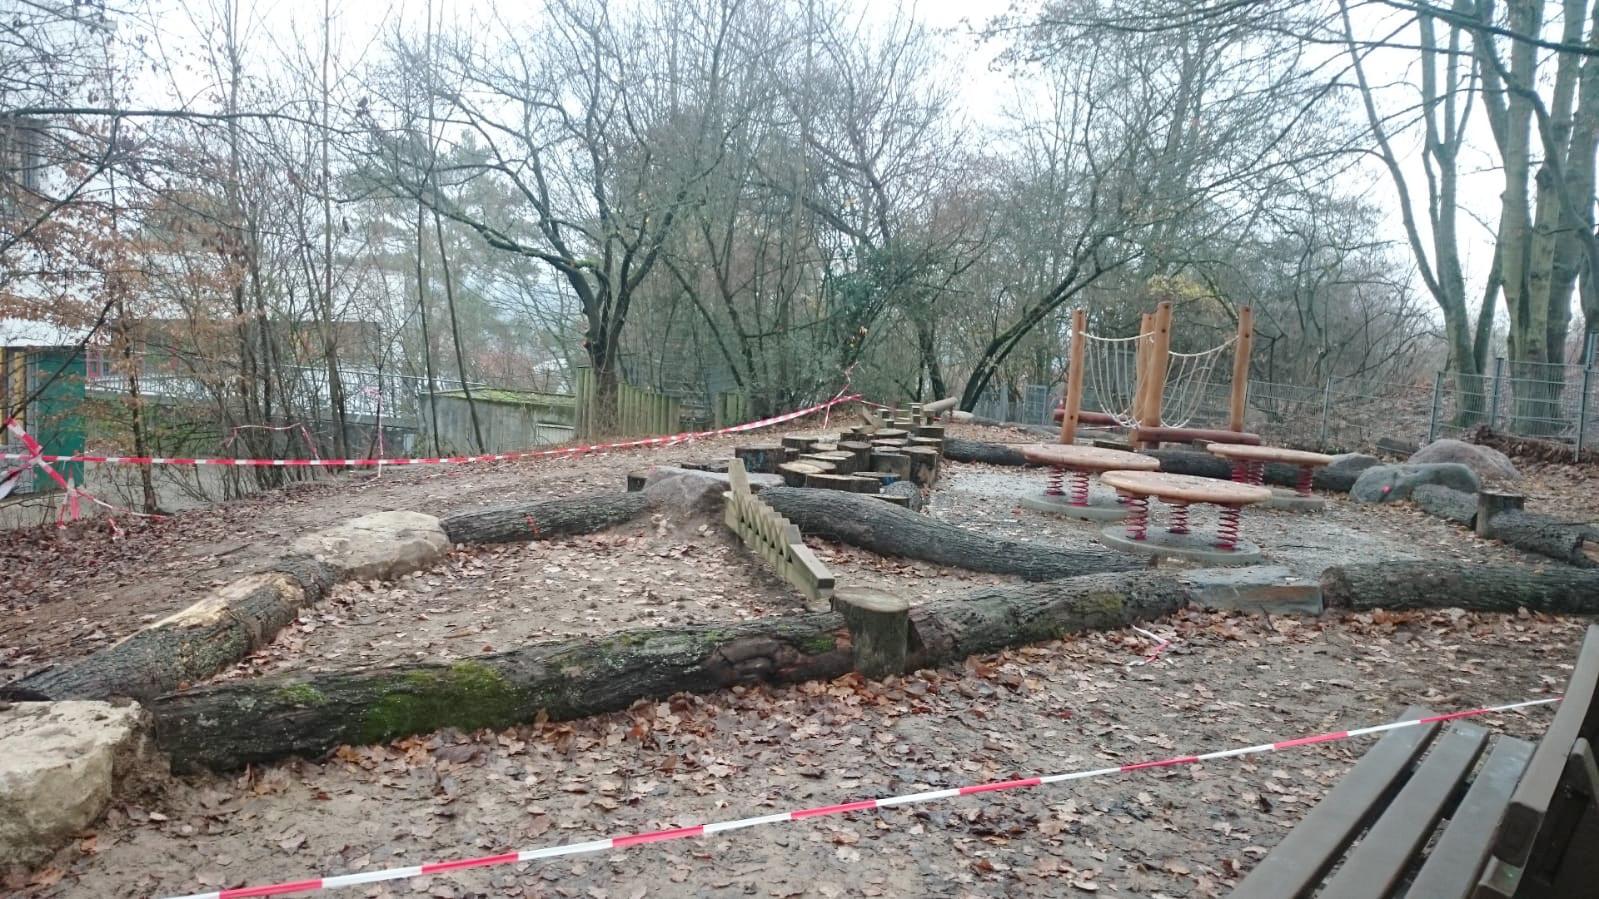 073 wea 2018 Grundschule Schelmengraben IMG 20181218 WA0000